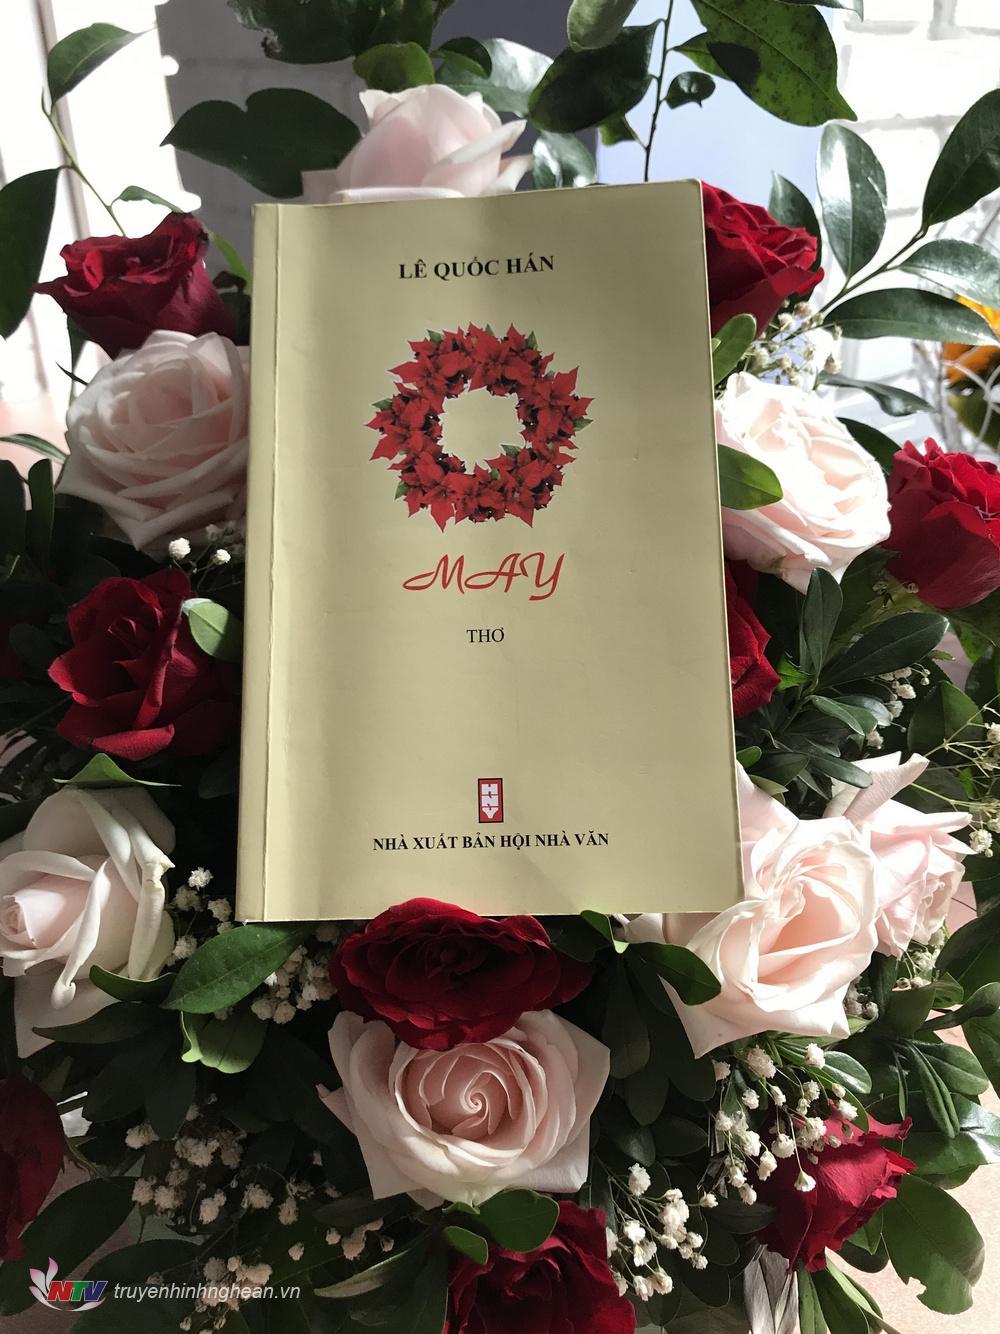 """Tập thơ """"May"""" của PGS - TS toán học, nhà thơ Lê Quốc Hán vừa trình làng tháng 10 – năm 2019."""